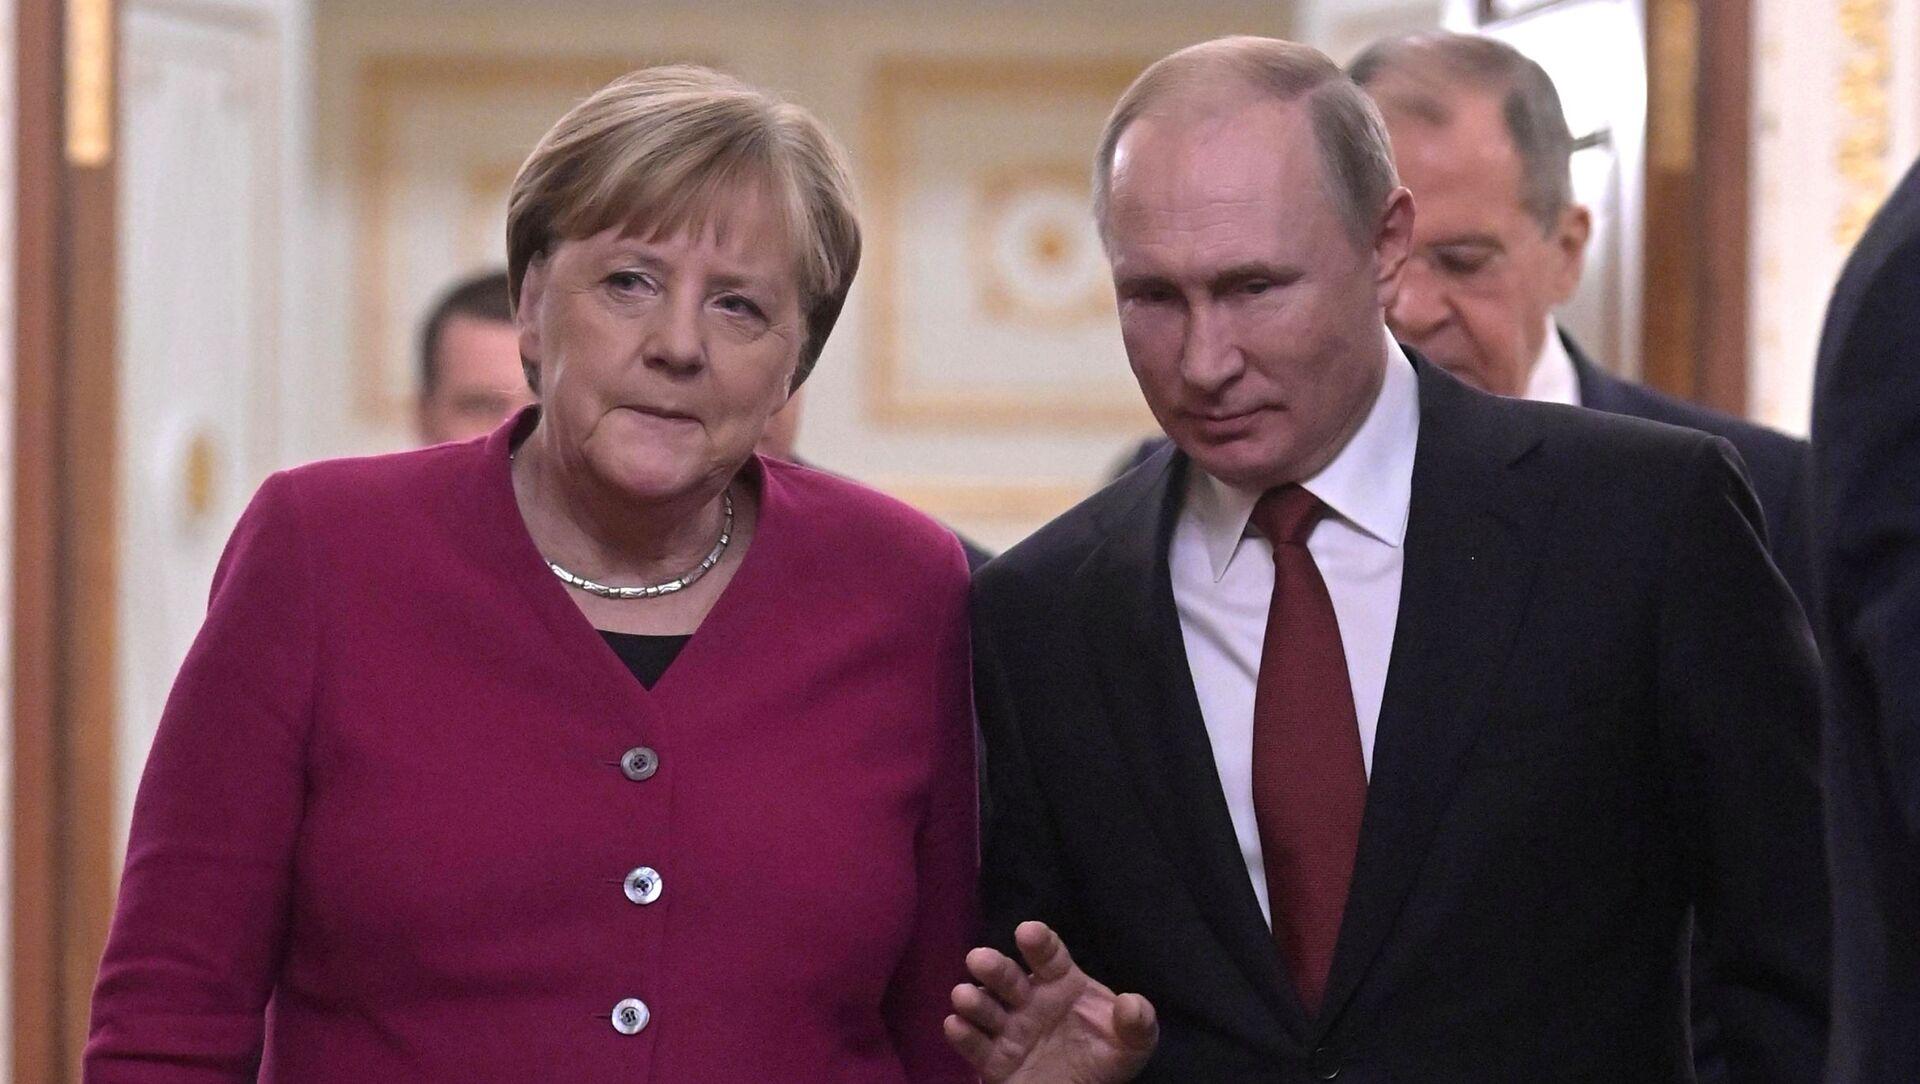 Rusya lideri Vladimir Putin, davetlisi olarak bugün Moskova'ya gelen Almanya Başbakanı Angela Merkel ile bir araya geldi. - Sputnik Türkiye, 1920, 21.07.2021